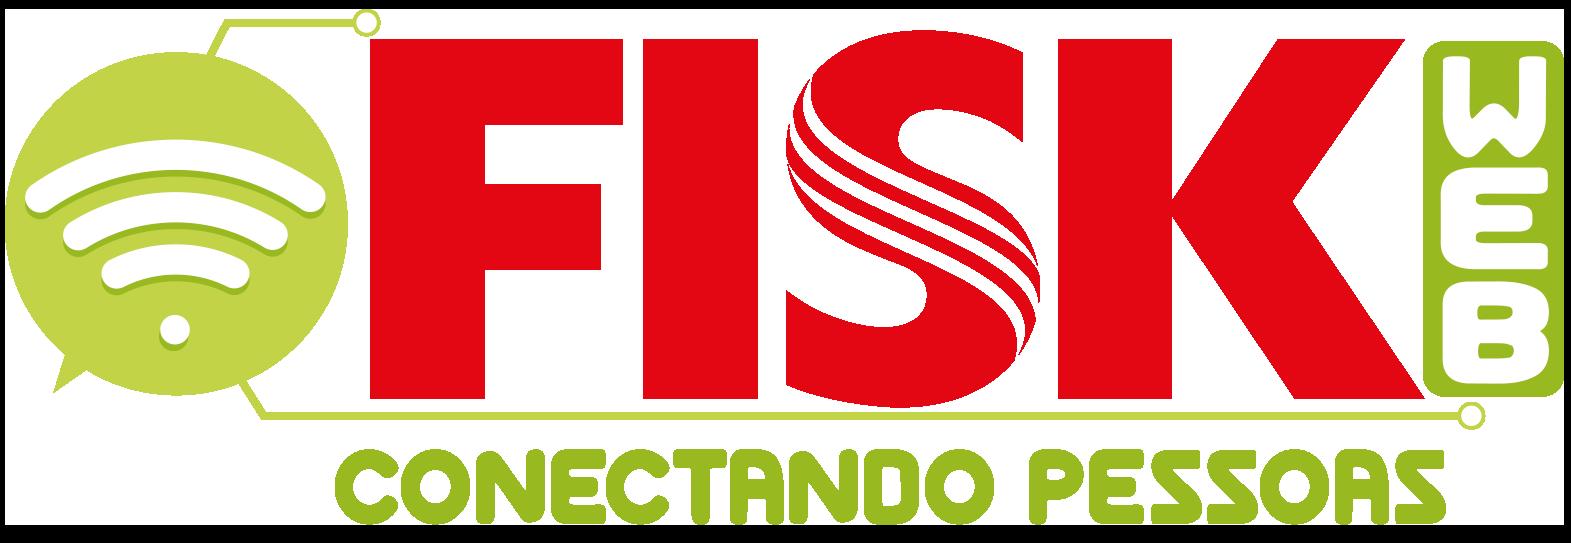 Fisk Santos | Curso de Inglês e Espanhol em Santos